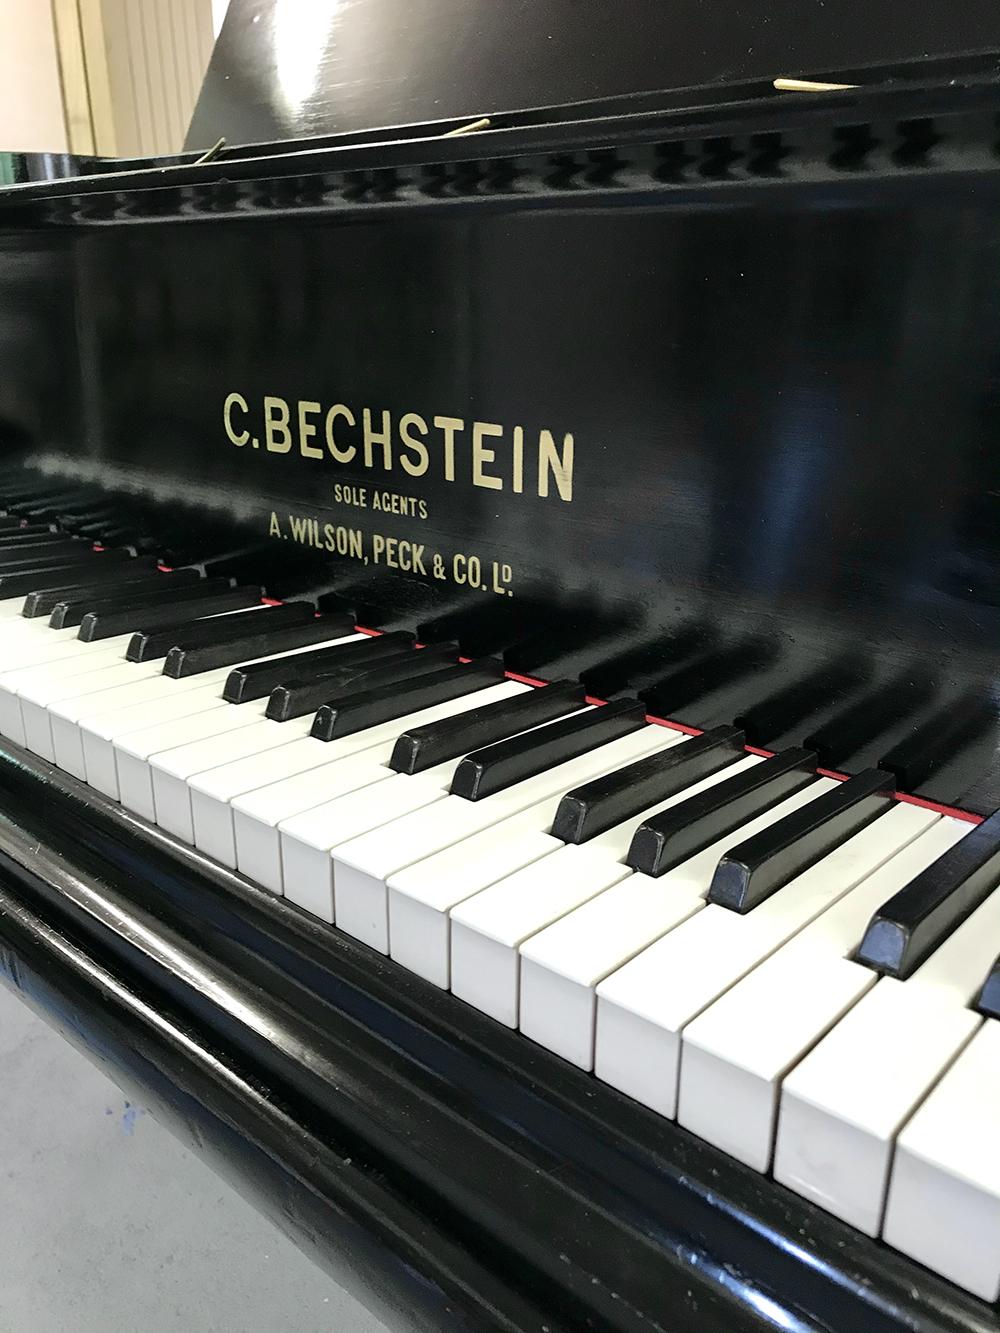 Bechstein-model-v-grand-Piano-Dorset-for-sale-6.jpg